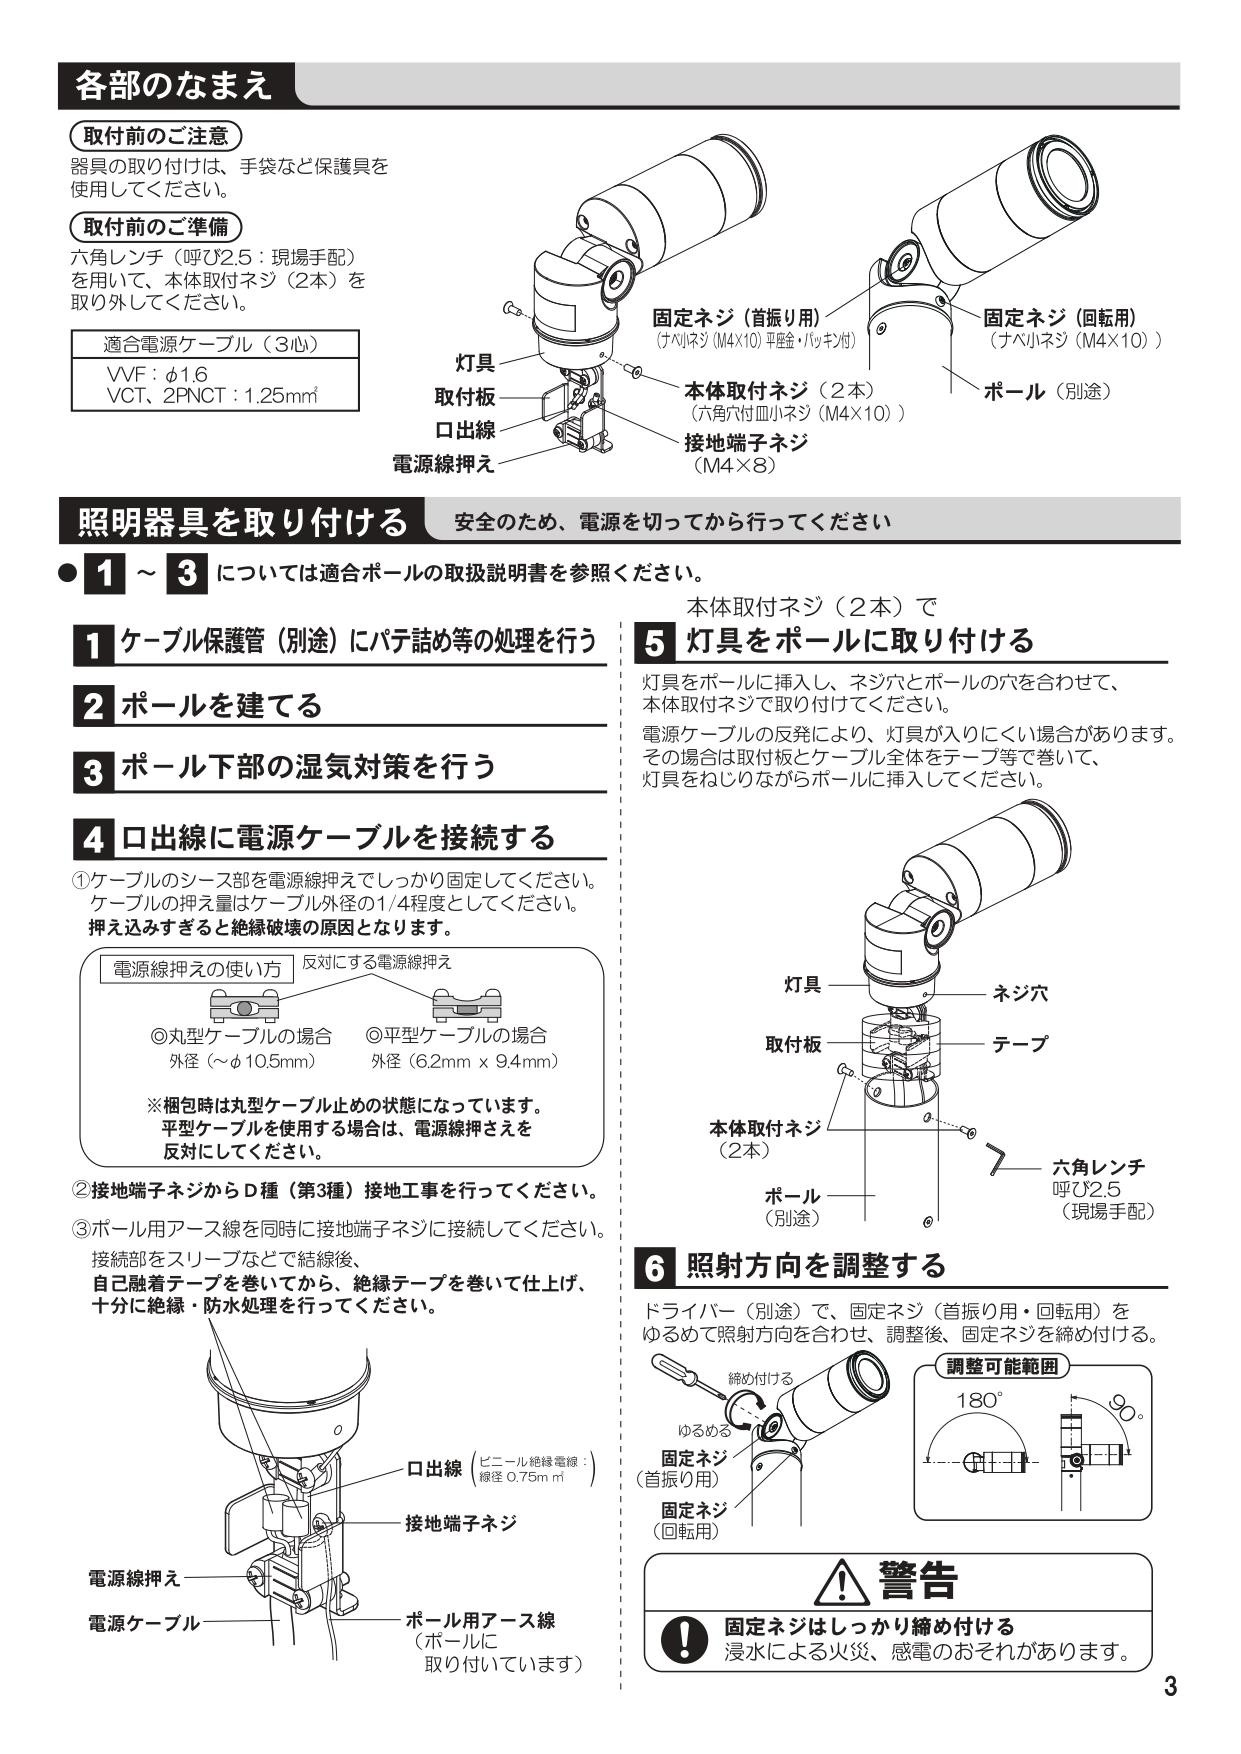 エクステリアライト GLS1型 スポットライト ポールタイプ 施工説明書_page-0003